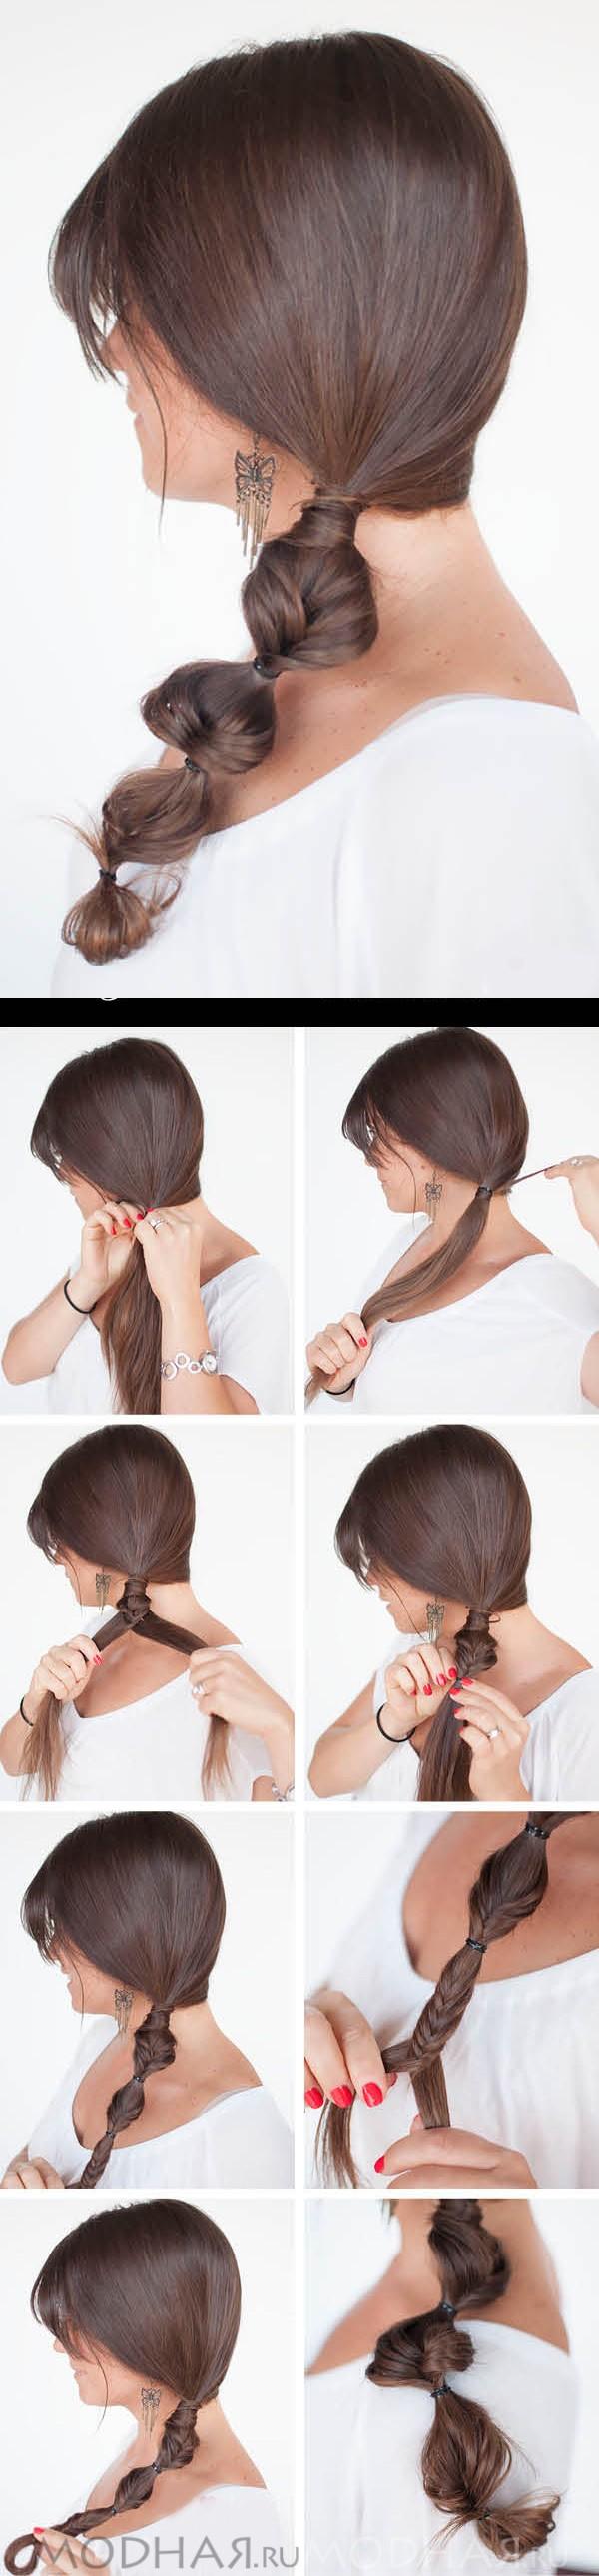 Как сделать прическу самой себе пошагово